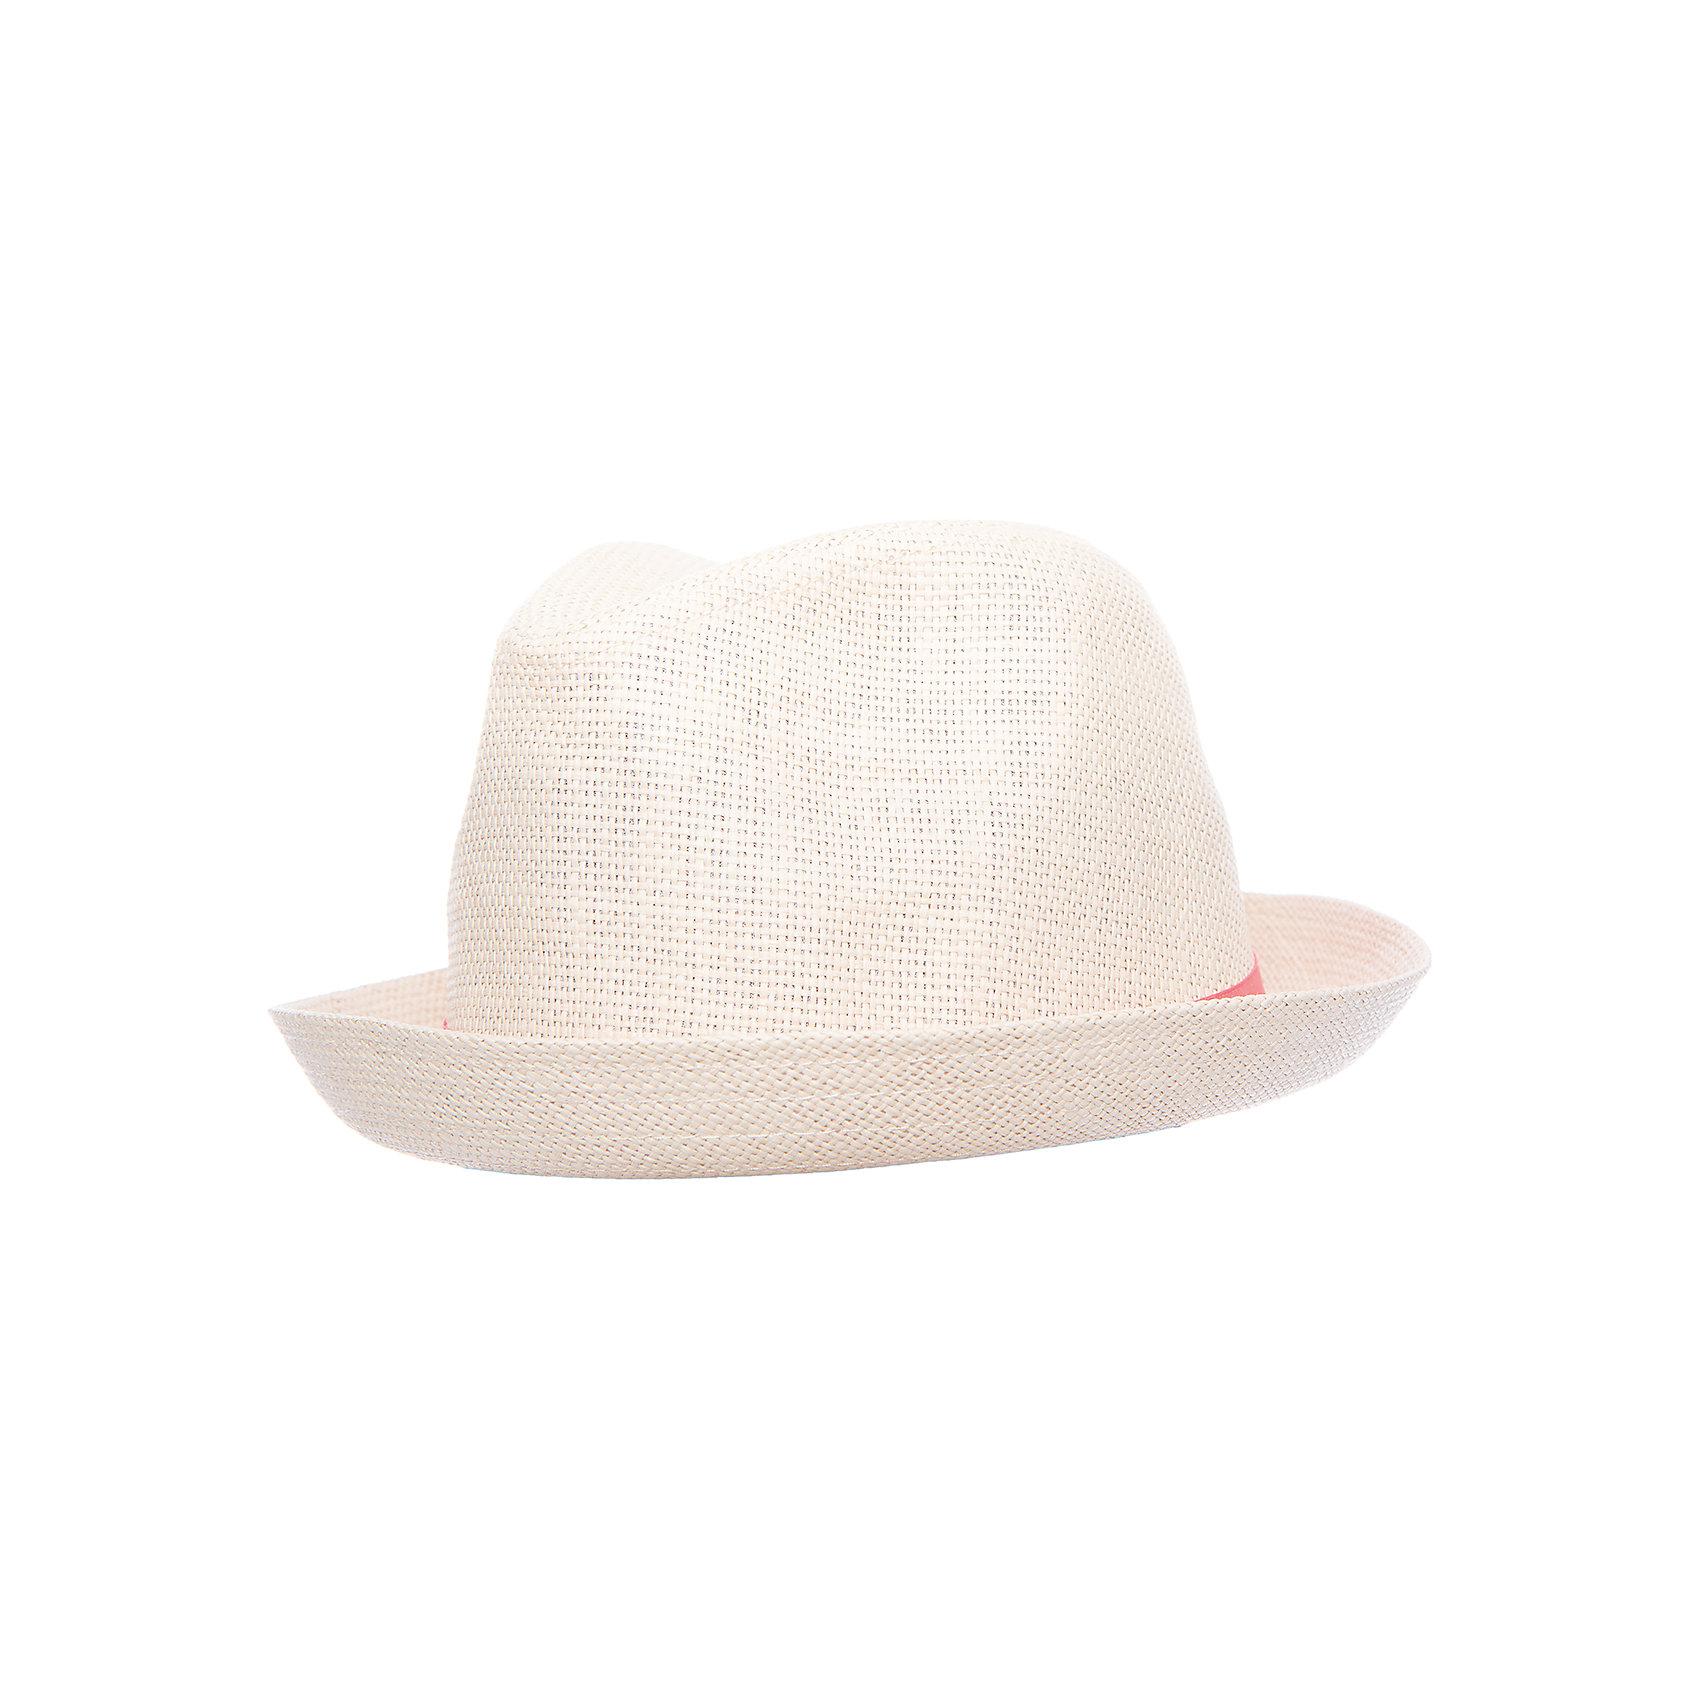 Шляпа для девочки ScoolГоловные уборы<br>Эффектная шляпа из бумажной соломки прекрасно подойдет для прогулок в жаркую погоду. Декорирована широкой лентой с эффектным цветком.<br>Состав:<br>100% бумажная соломка<br><br>Ширина мм: 89<br>Глубина мм: 117<br>Высота мм: 44<br>Вес г: 155<br>Цвет: розовый<br>Возраст от месяцев: 72<br>Возраст до месяцев: 84<br>Пол: Женский<br>Возраст: Детский<br>Размер: 54,56<br>SKU: 5604618